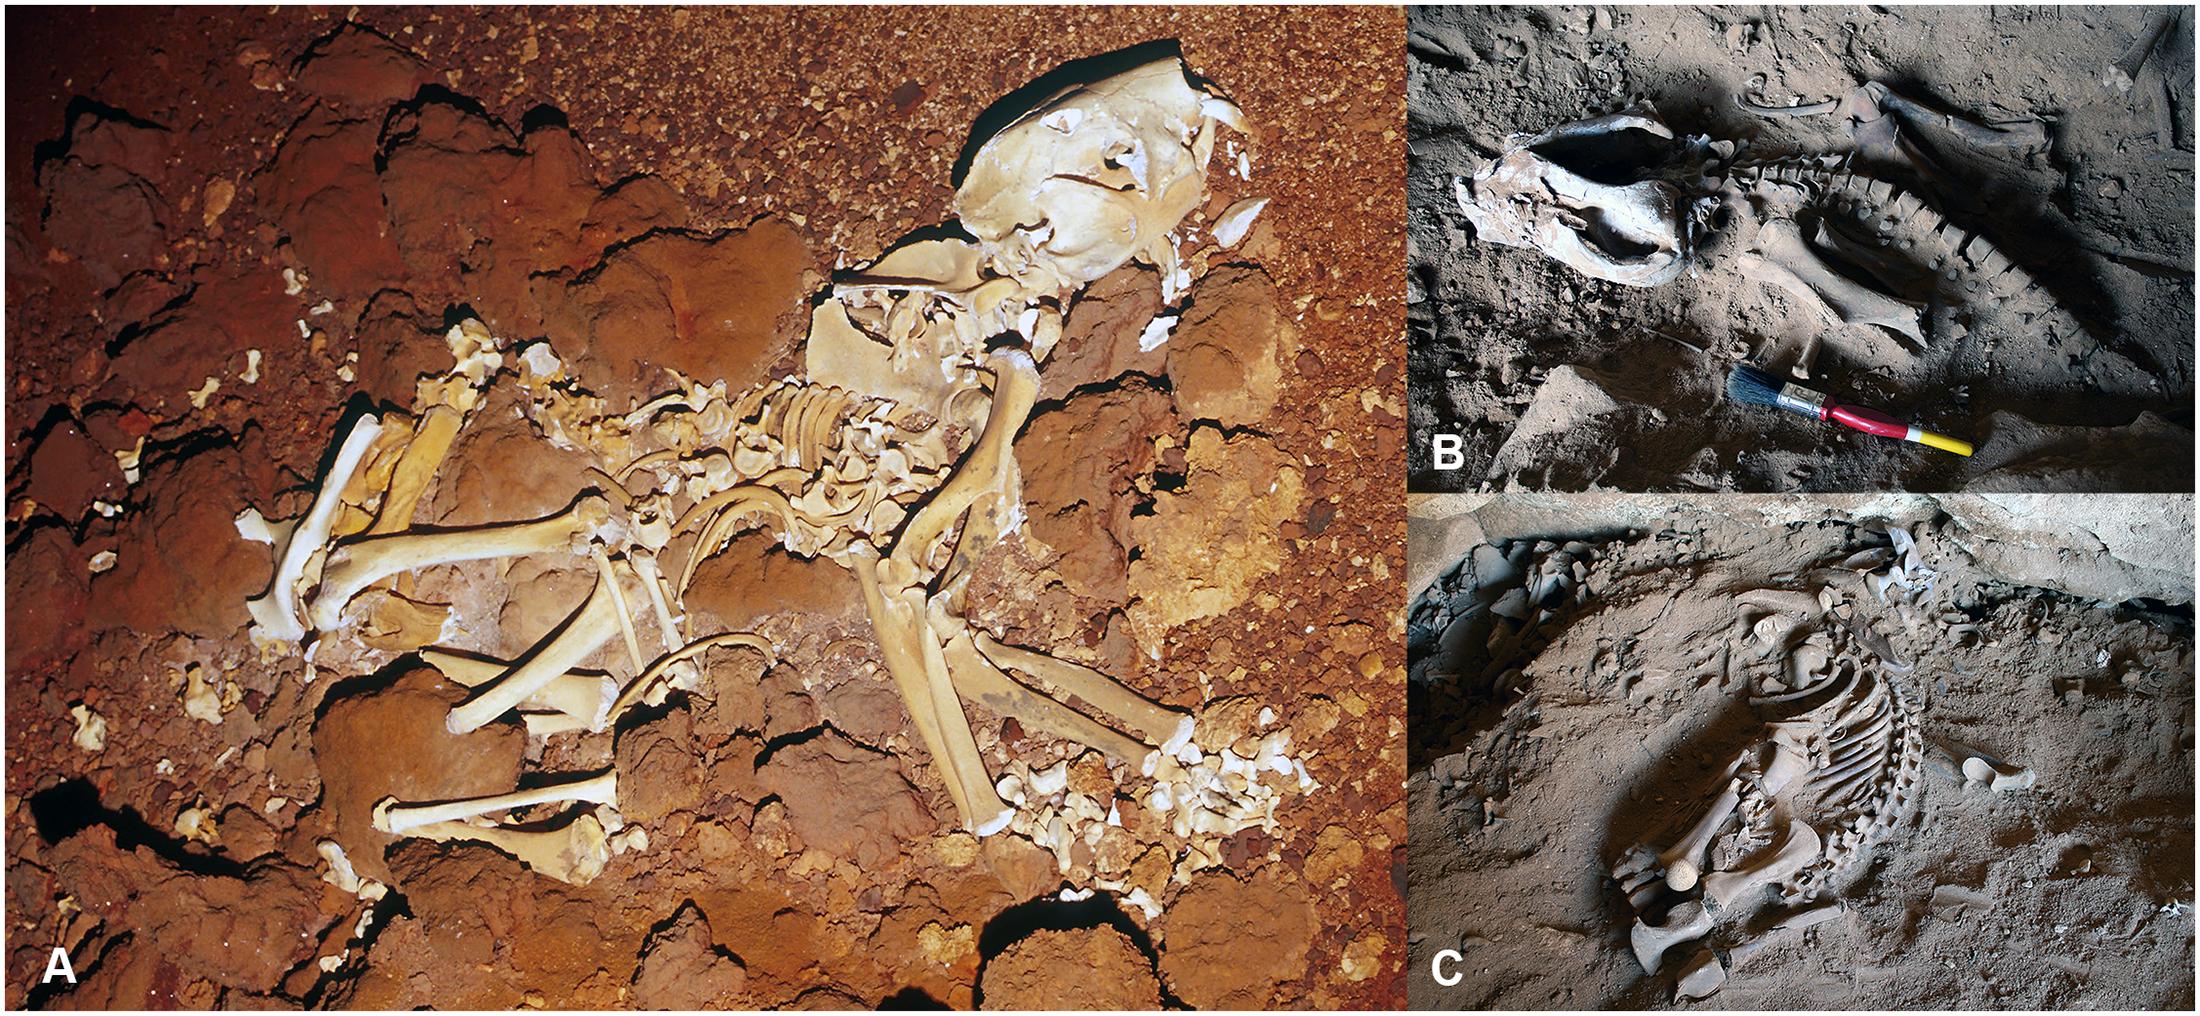 Учёные проанализировали два скелета <i>Thylacoleo carnifex</i>, чтобы реконструировать тело древнего хищника.